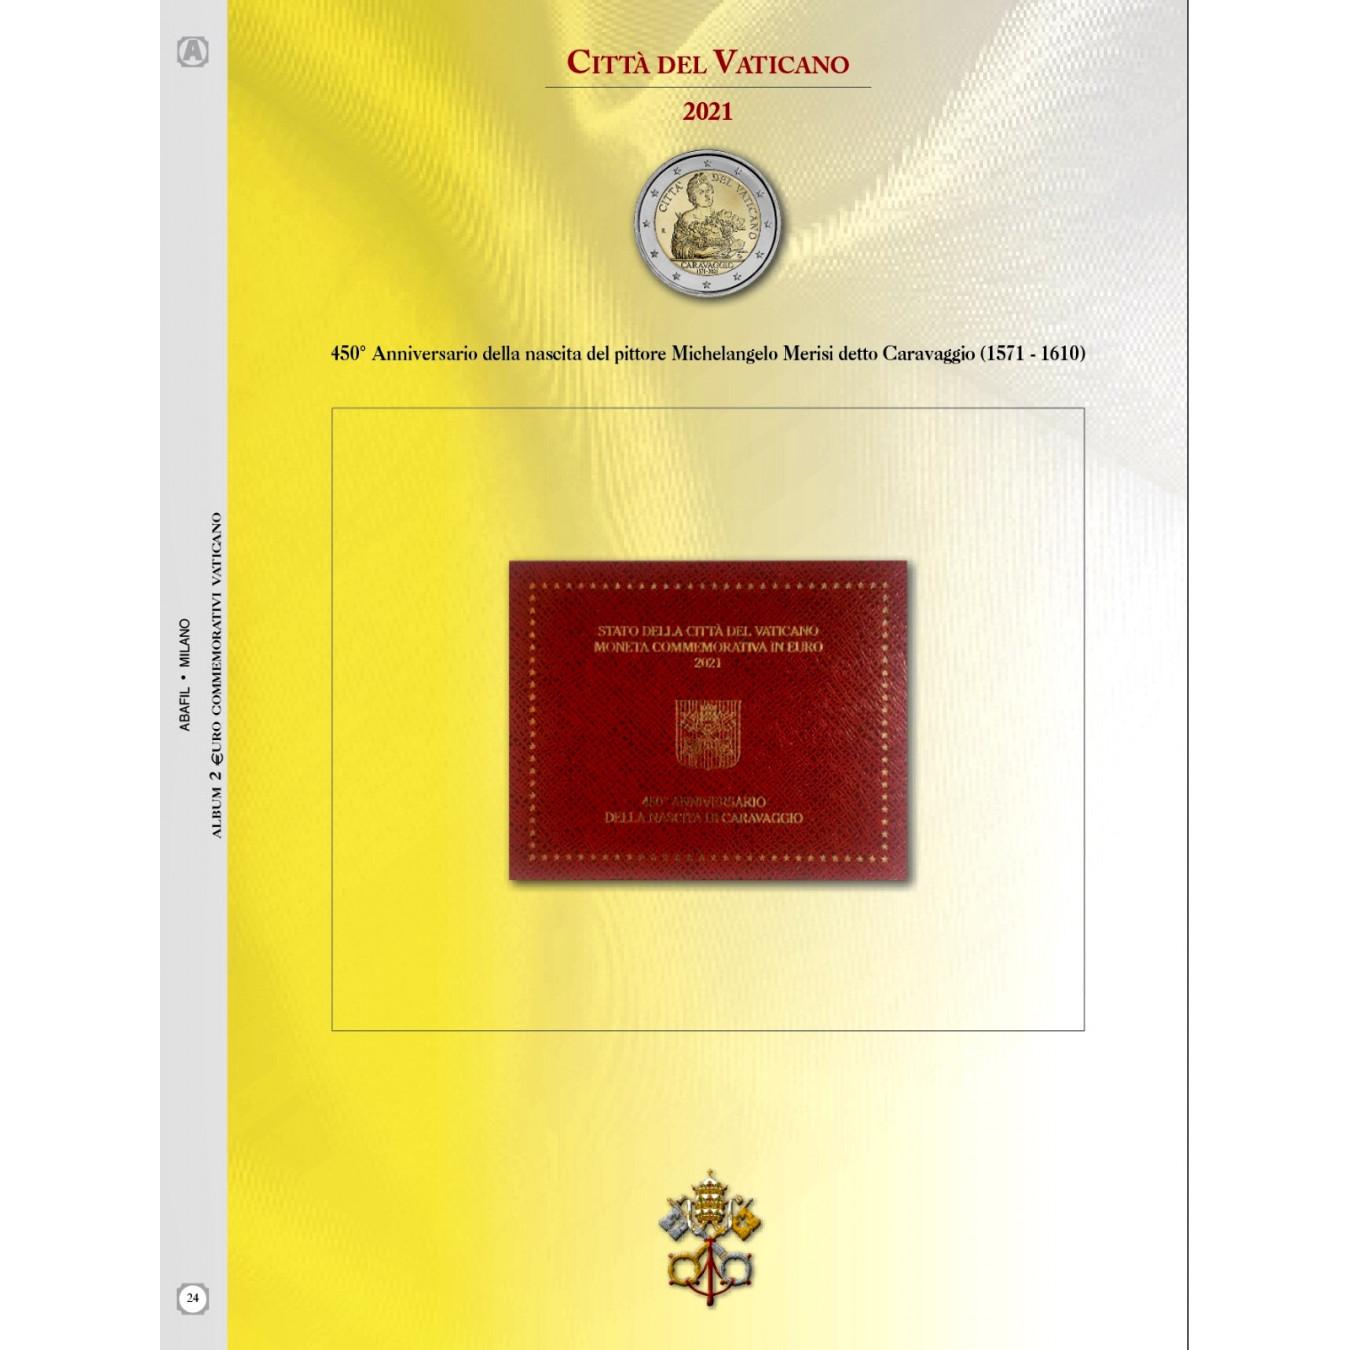 AGGIORNAMENTO VATICANO 2€ COMMEMORATIVO 2021 Caravaggio